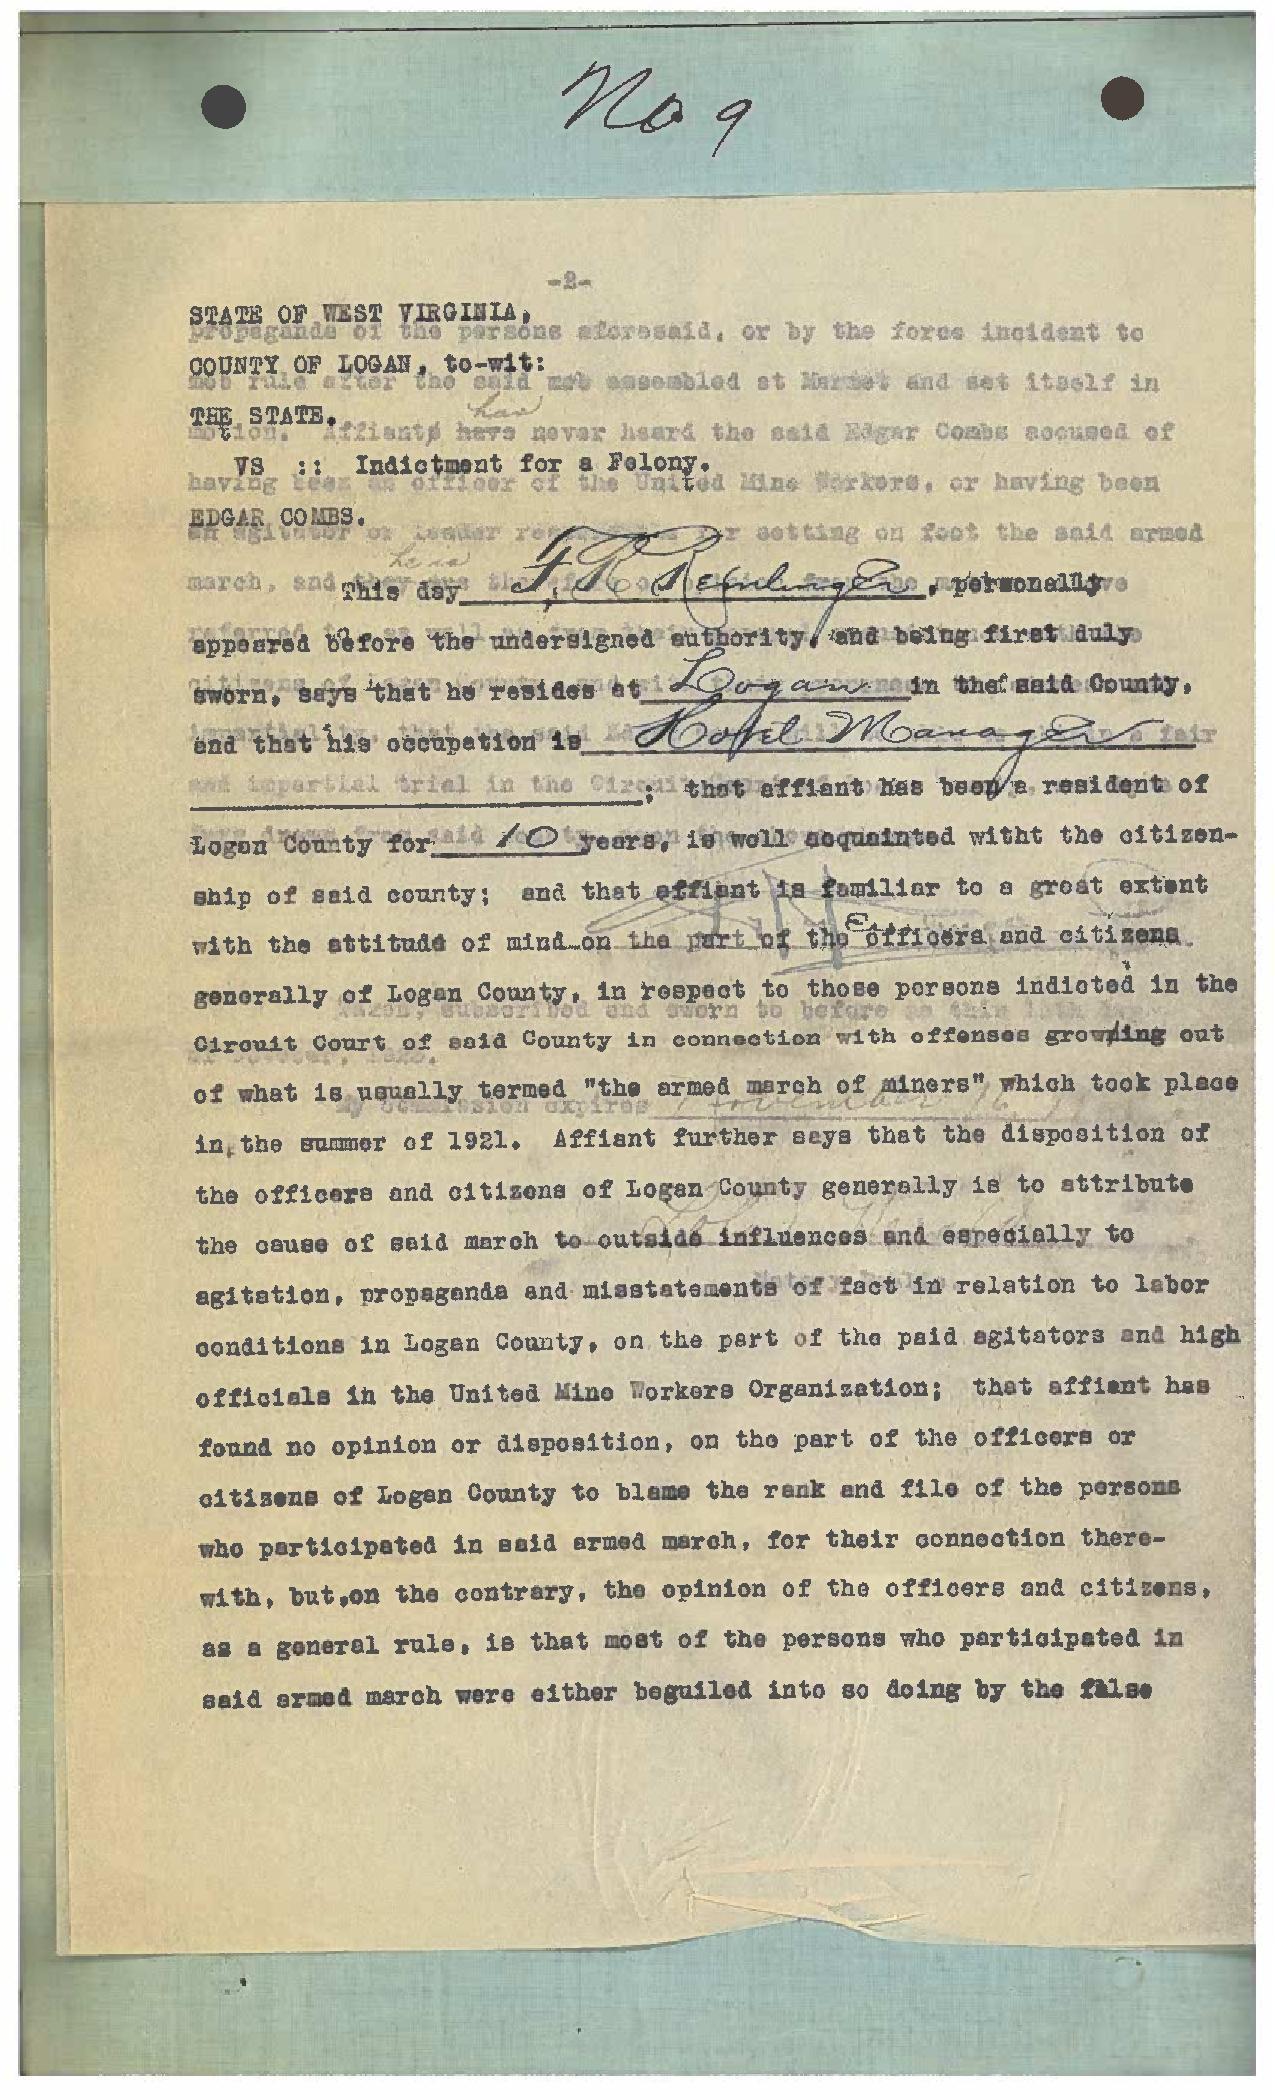 document 9-1